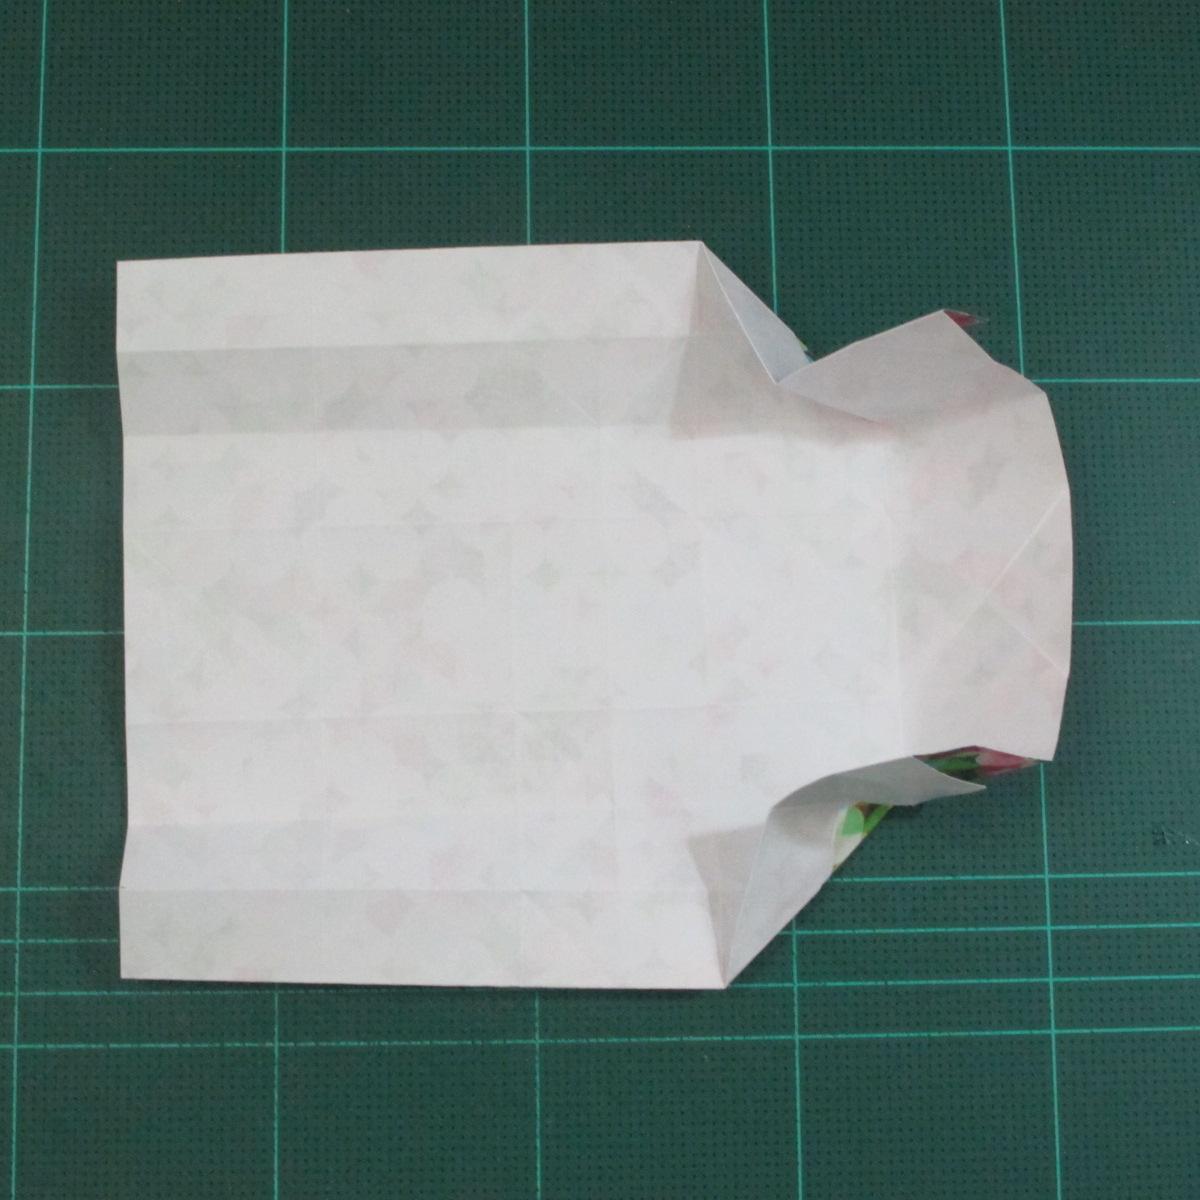 วิธีพับกล่องของขวัญแบบมีฝาปิด (Origami Present Box With Lid) 018